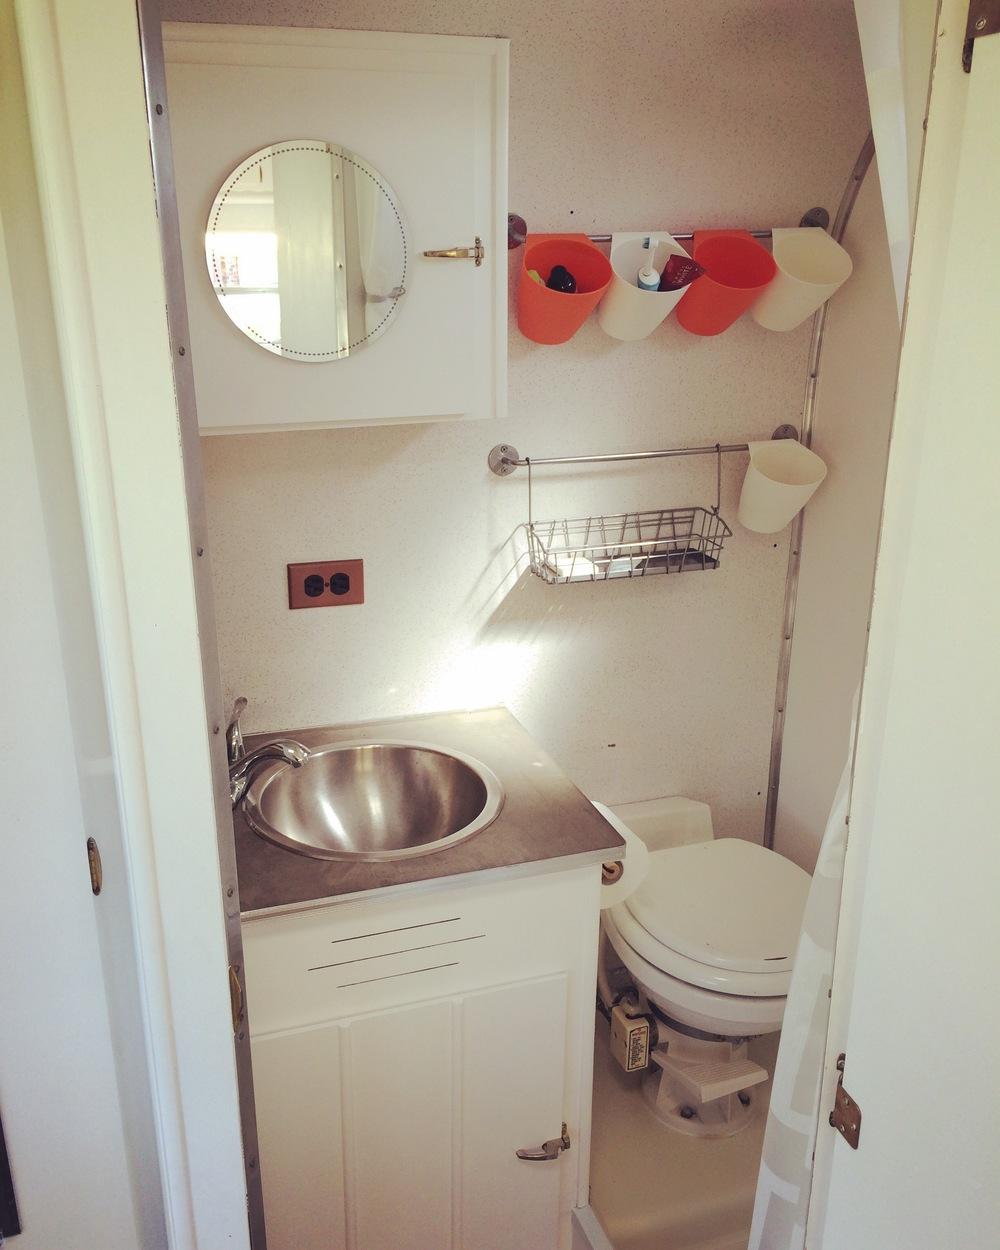 Toilet renovation fabulous toilet renovation with toilet for Washroom renovation